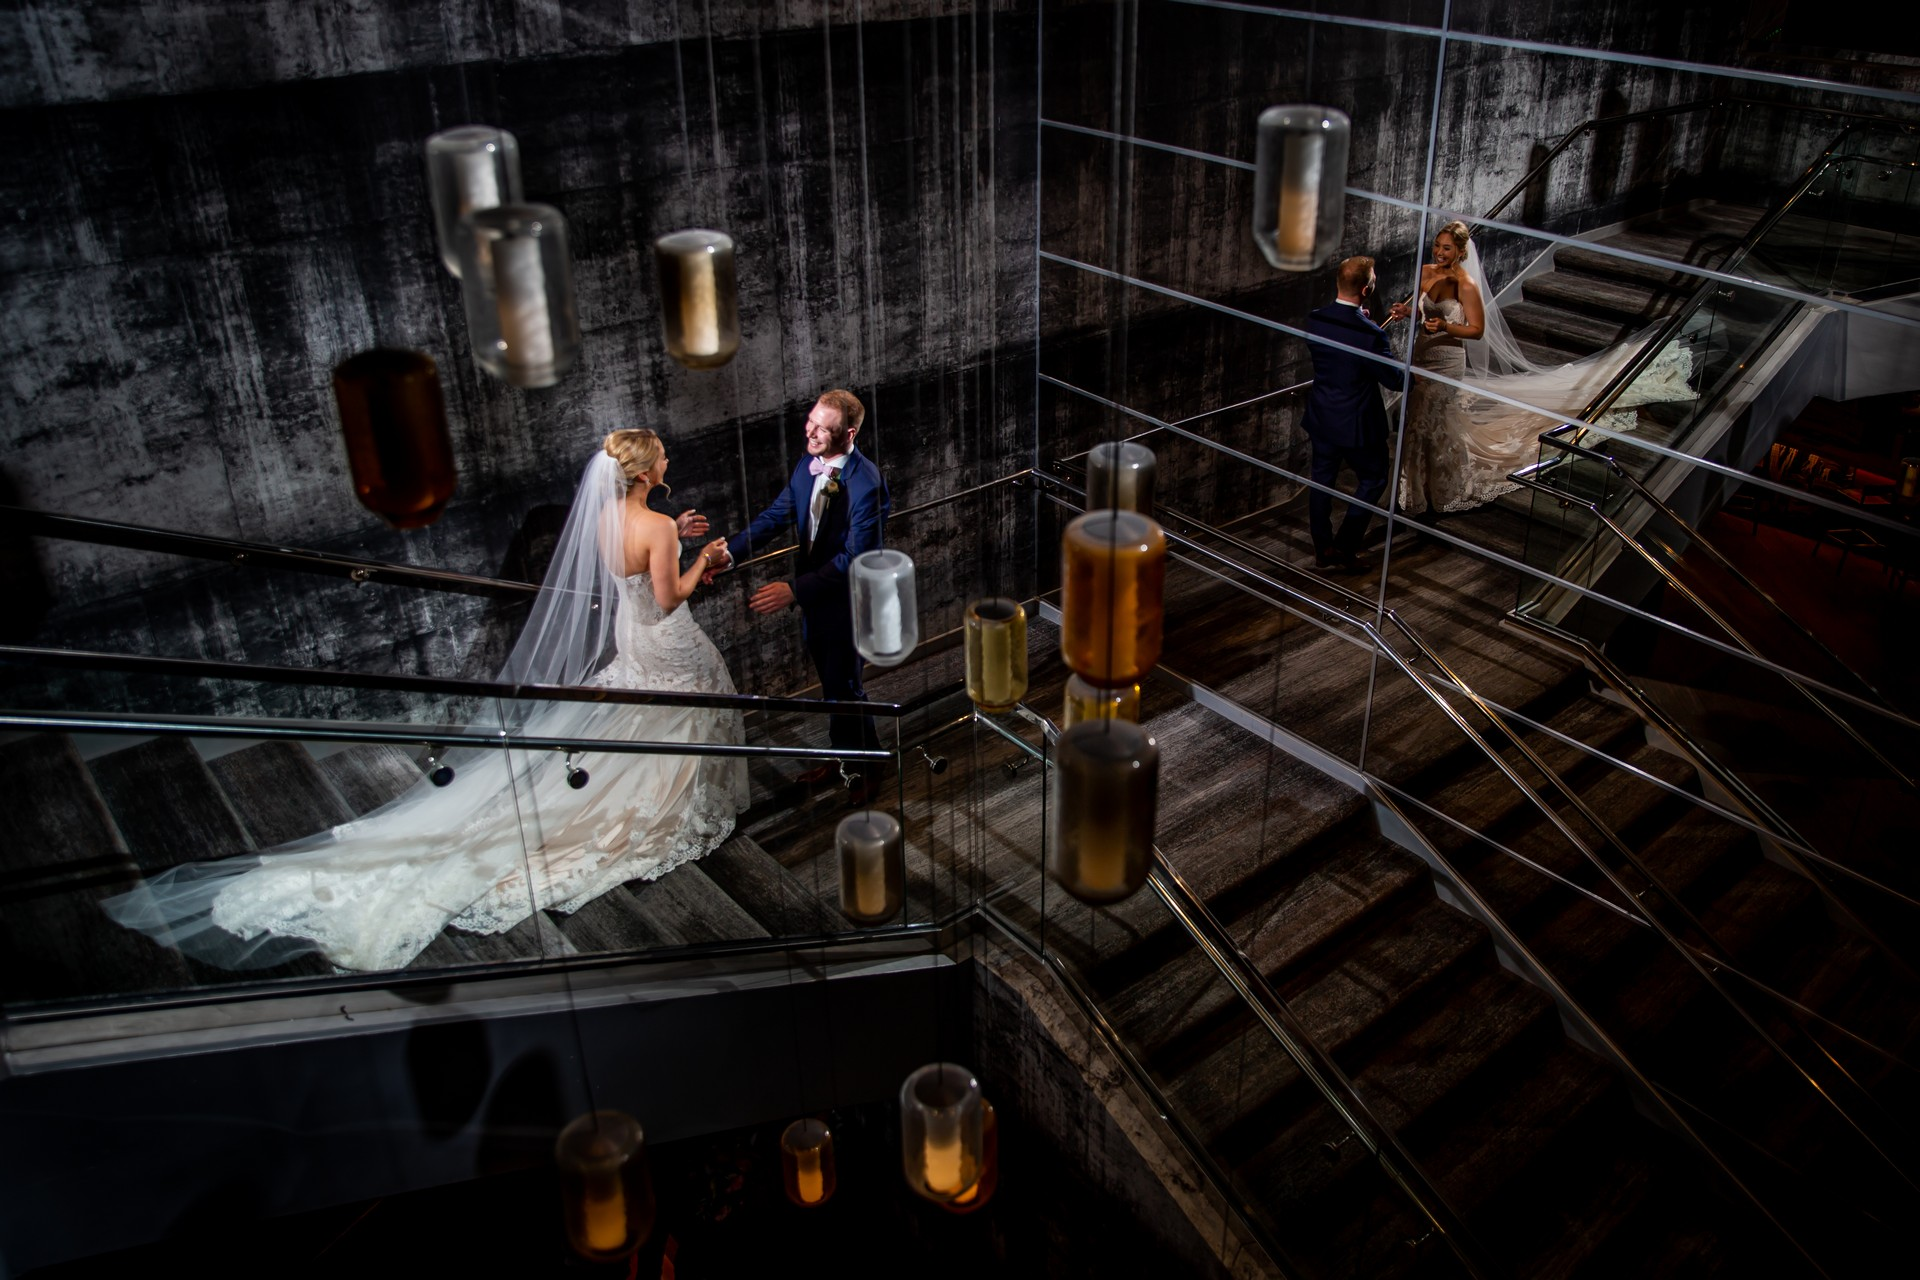 Creatief idee voor binnenportret van bruid en bruidegom op huwelijksdag.